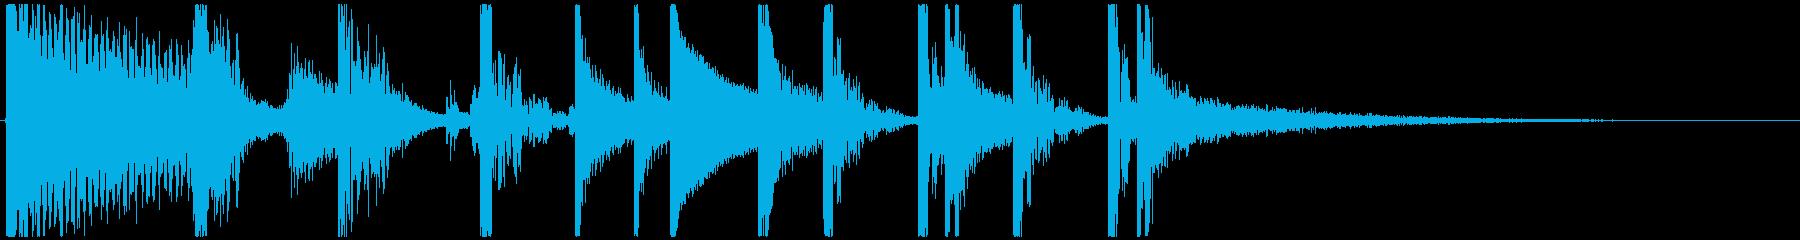 ファンキーなショートジングルの再生済みの波形